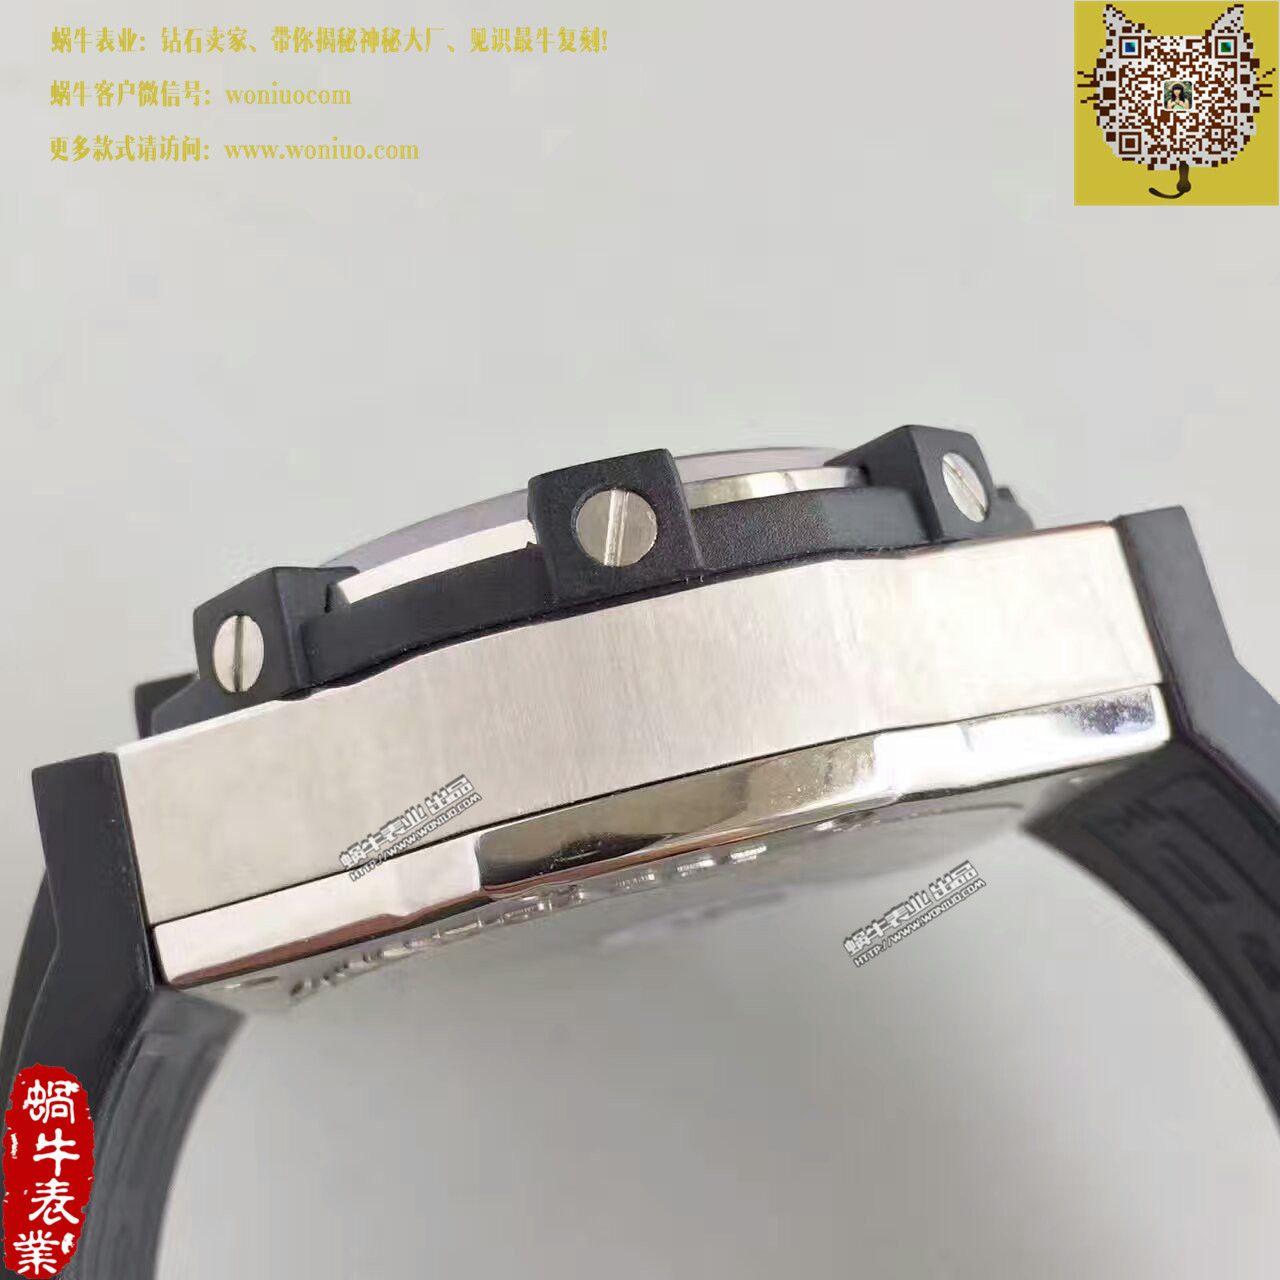 【台湾厂一比一超A高仿手表】CONCORD 君皇 C1 Concord C1 01.5.14.100男士运动 腕表 / 君皇01